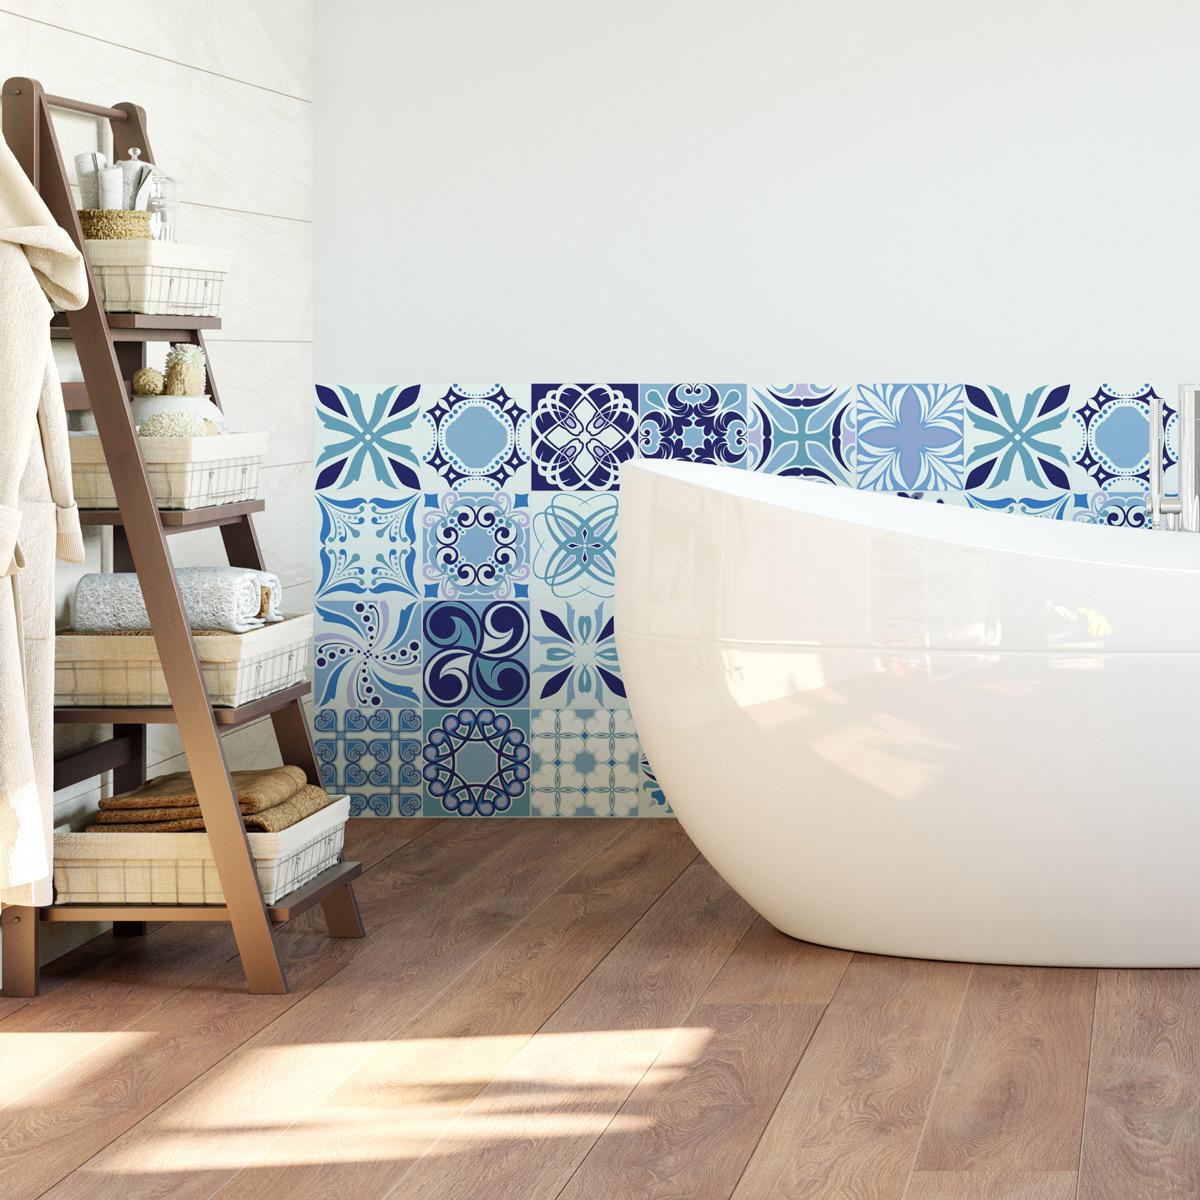 Accessoires Salle De Bain Azulejos ~ 24 stickers carrelages azulejos chacarera salle de bain et wc